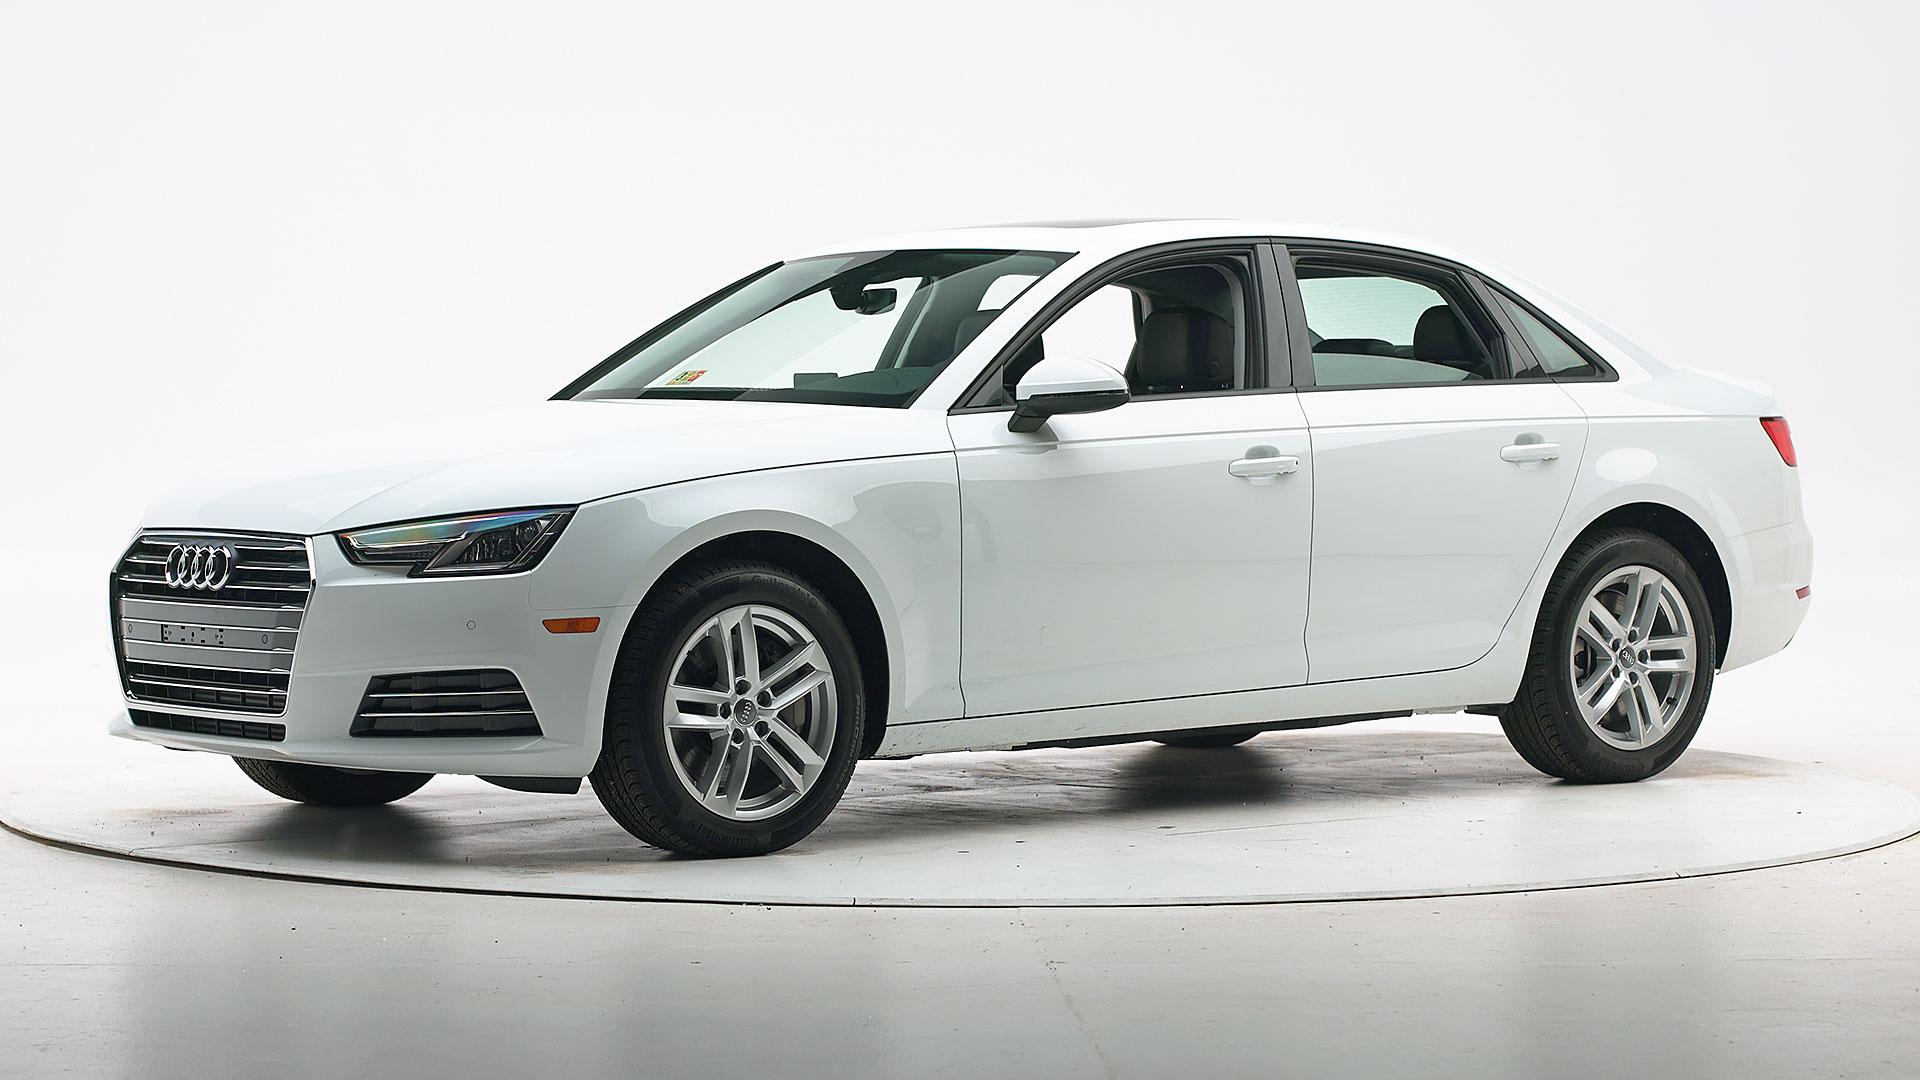 Kelebihan Kekurangan Audi 4 Top Model Tahun Ini